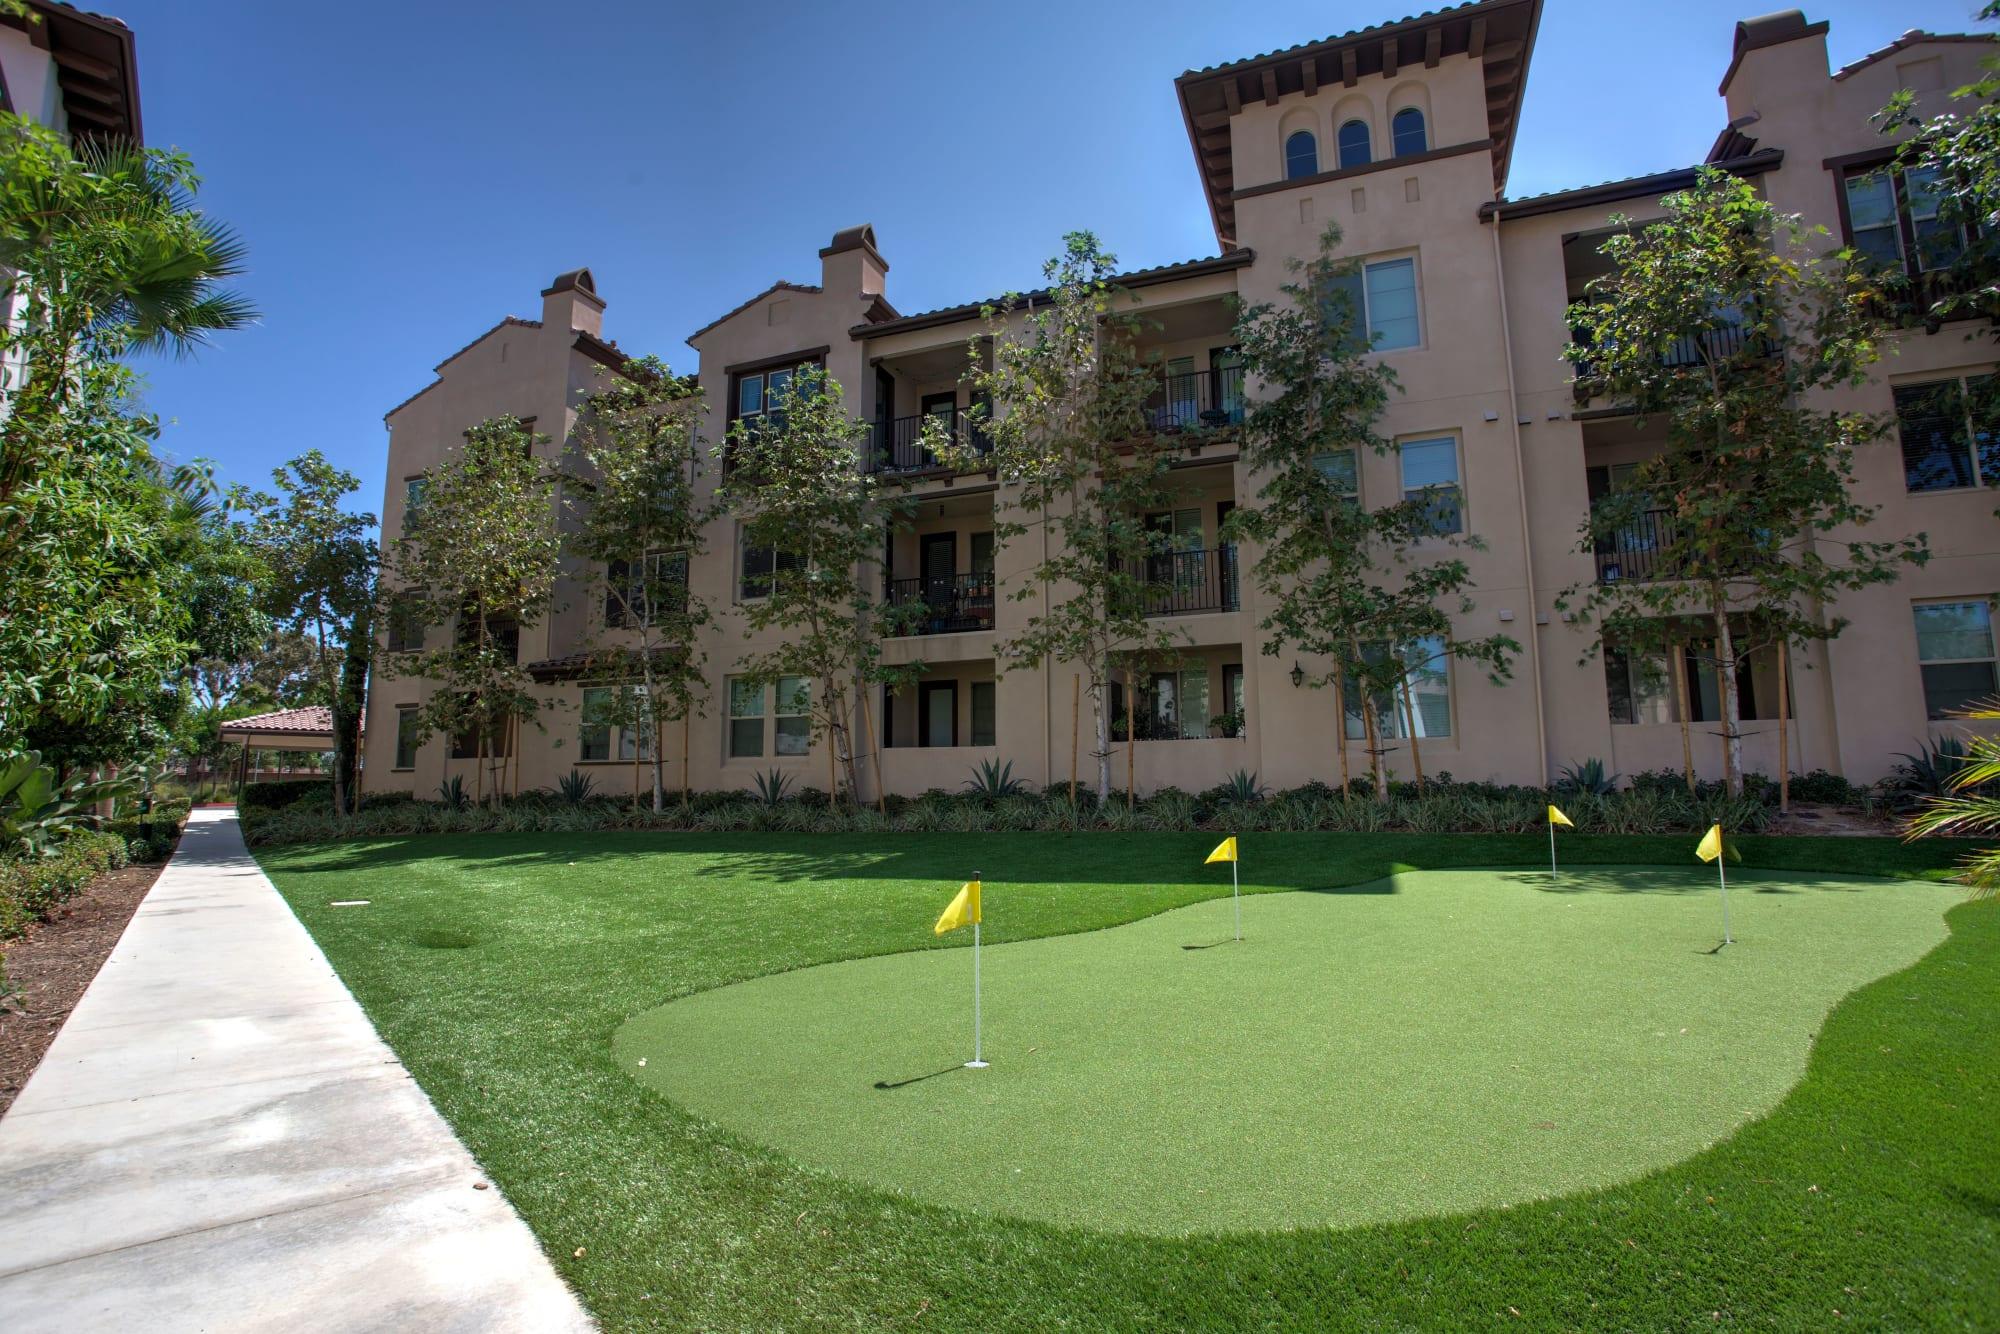 The mini golf course at Palisades Sierra Del Oro in Corona, California